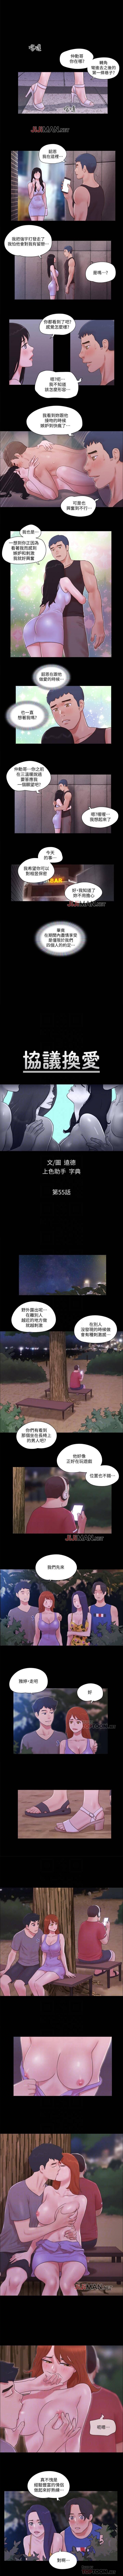 【周五连载】协议换爱(作者:遠德) 第1~62话 229